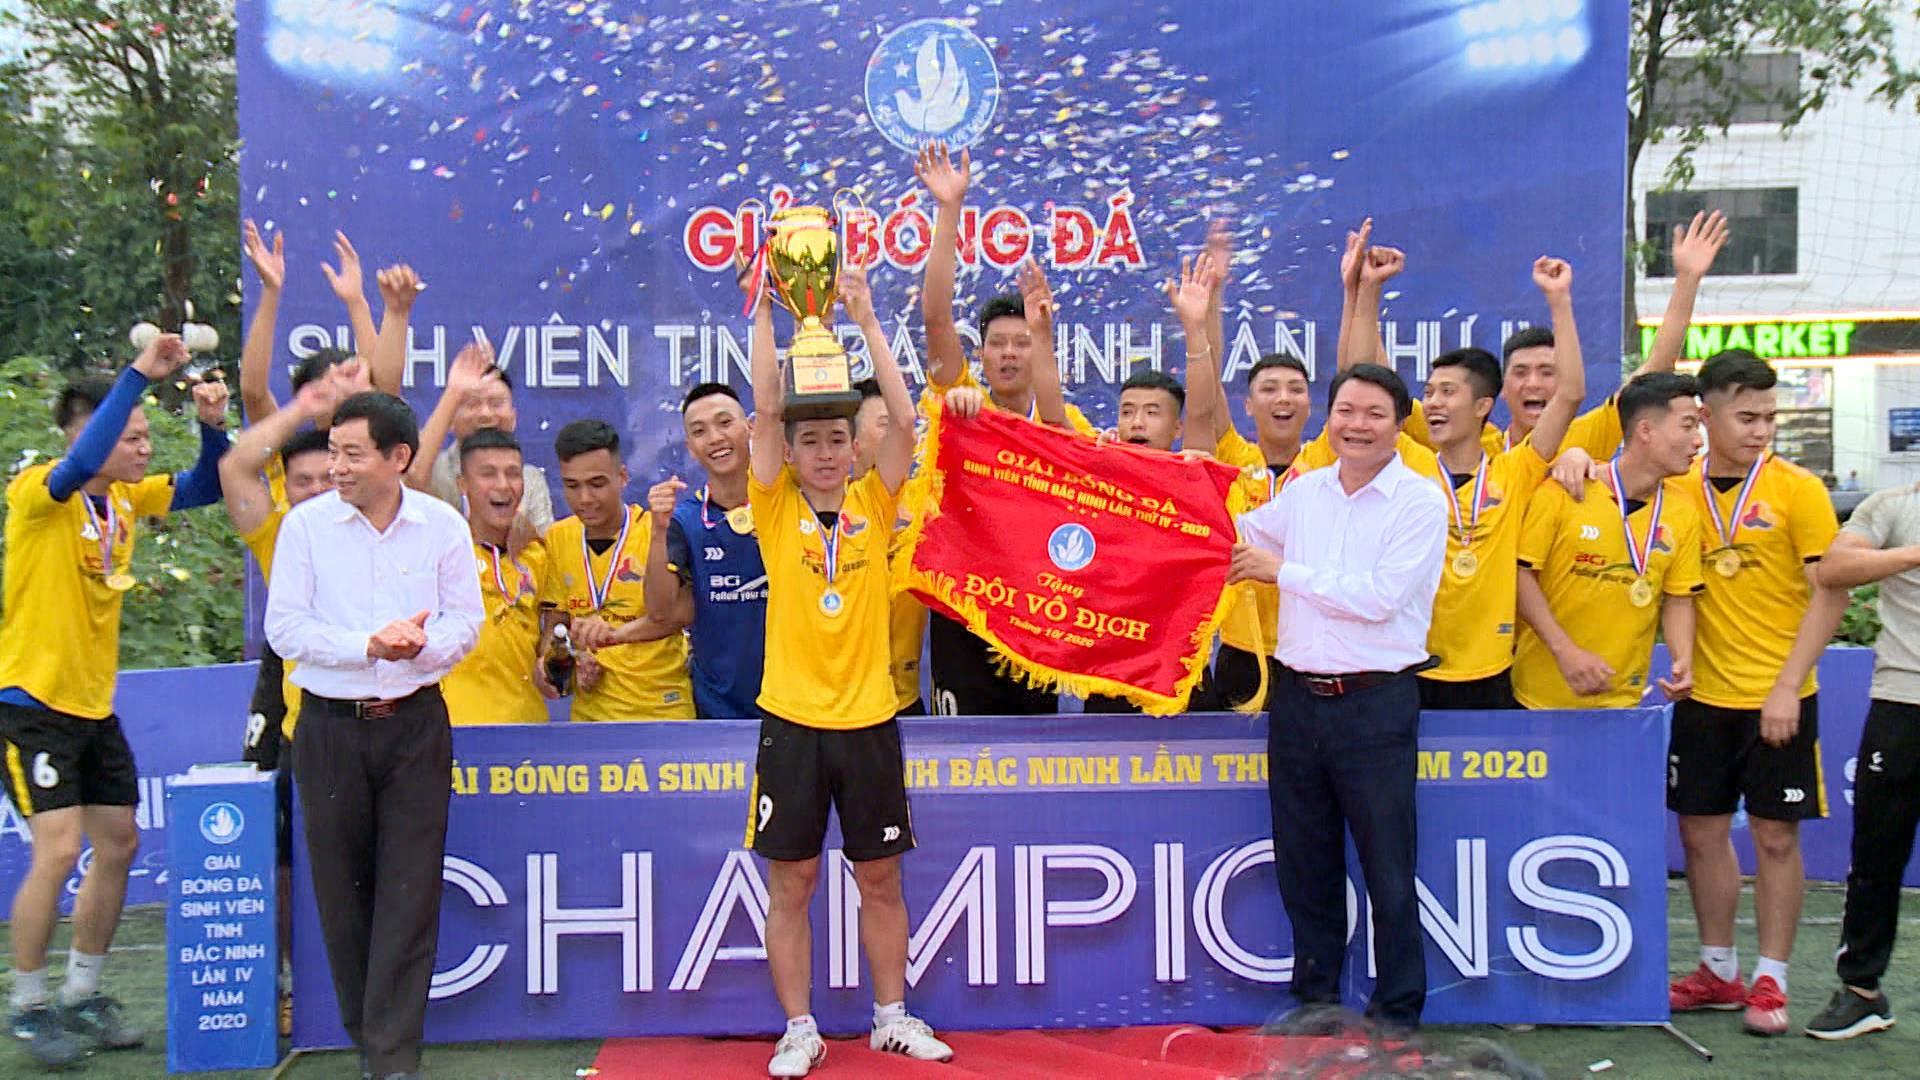 Bế mạc Giải bóng đá sinh viên tỉnh Bắc Ninh lần thứ IV